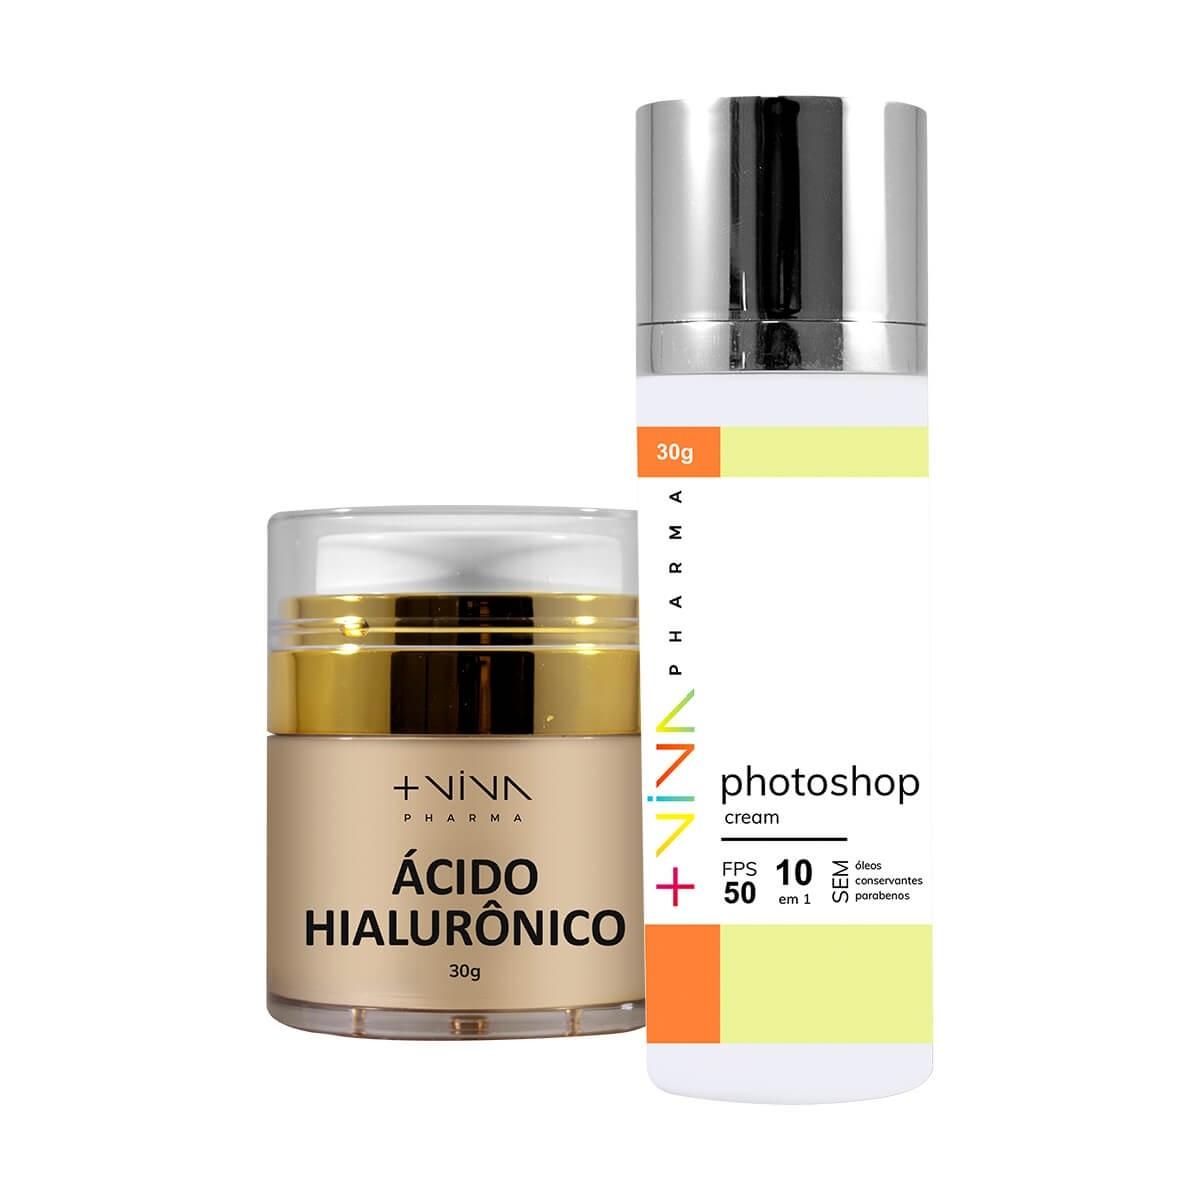 COMBO | Ácido Hialurônico + Photoshop Cream 10 em 1 FPS 50